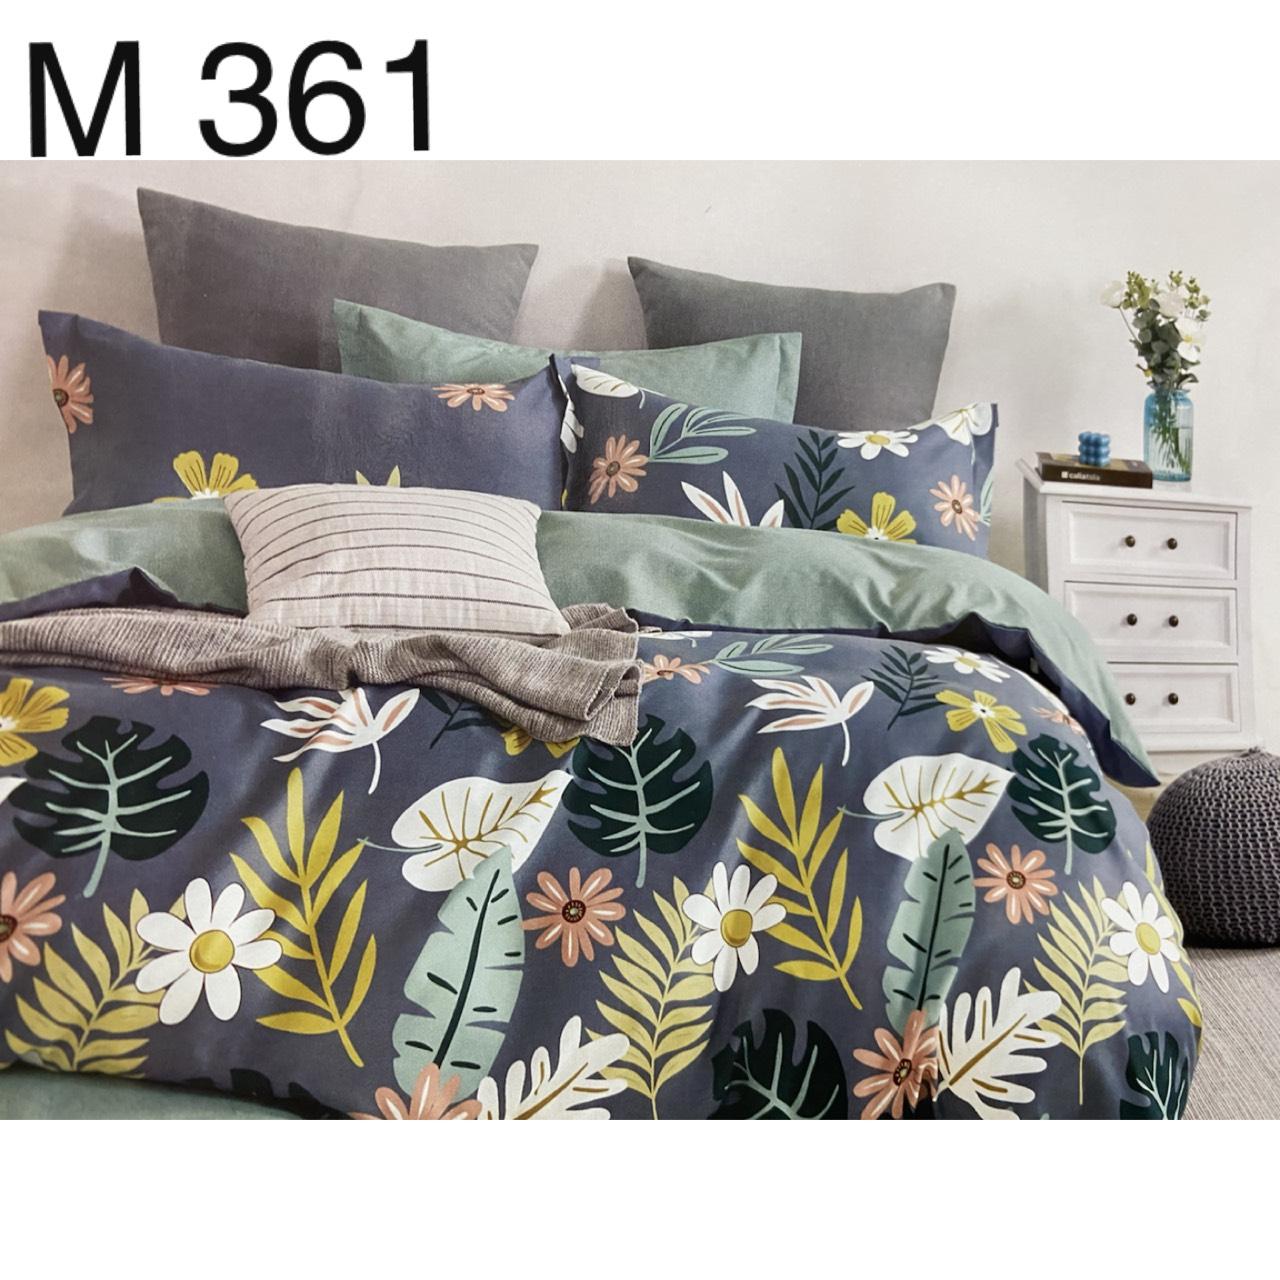 Bộ Chăn Ga Cotton Đũi Loại 1 Hàn Quốc - M361